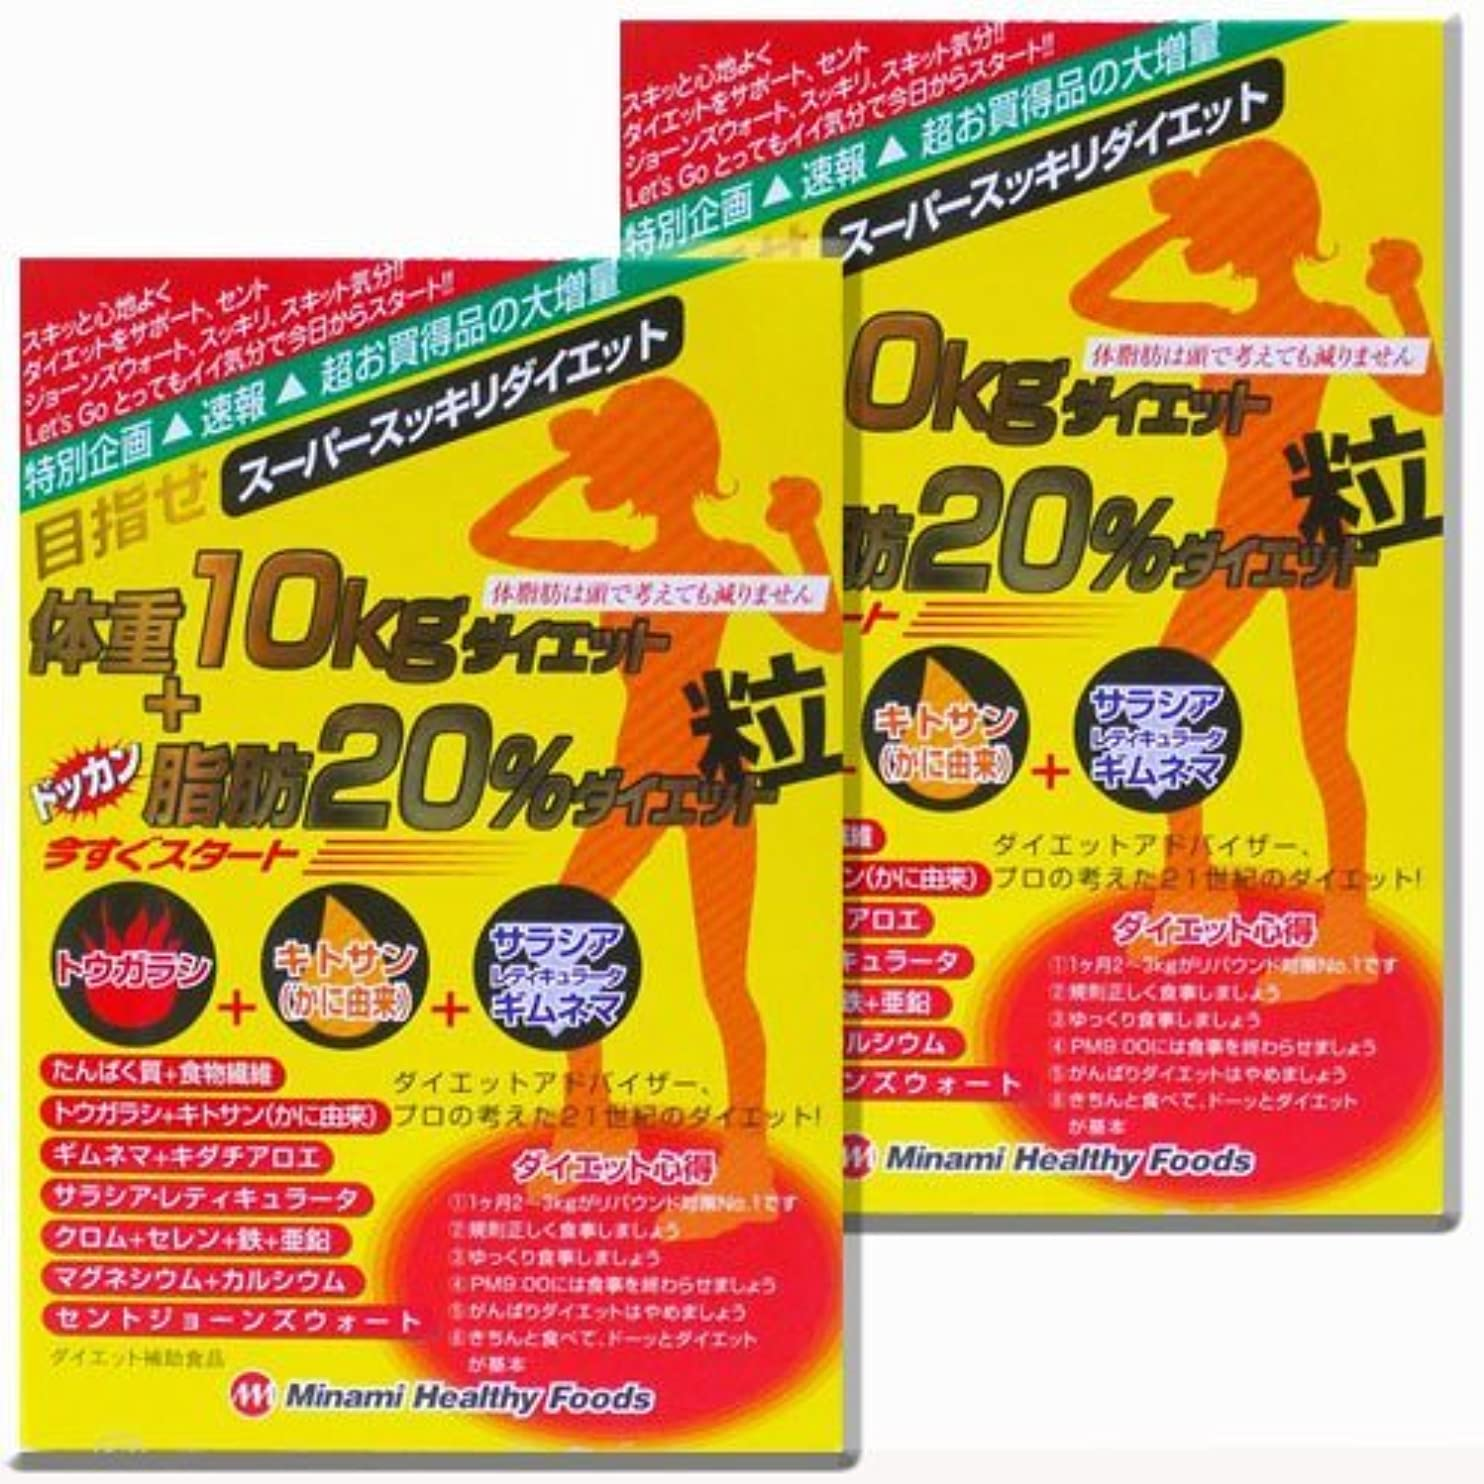 【2個】目指せ体重10kgダイエット+ドッカン脂肪20%ダイエット粒 (6粒x75袋)x2個 (4945904010341-2)